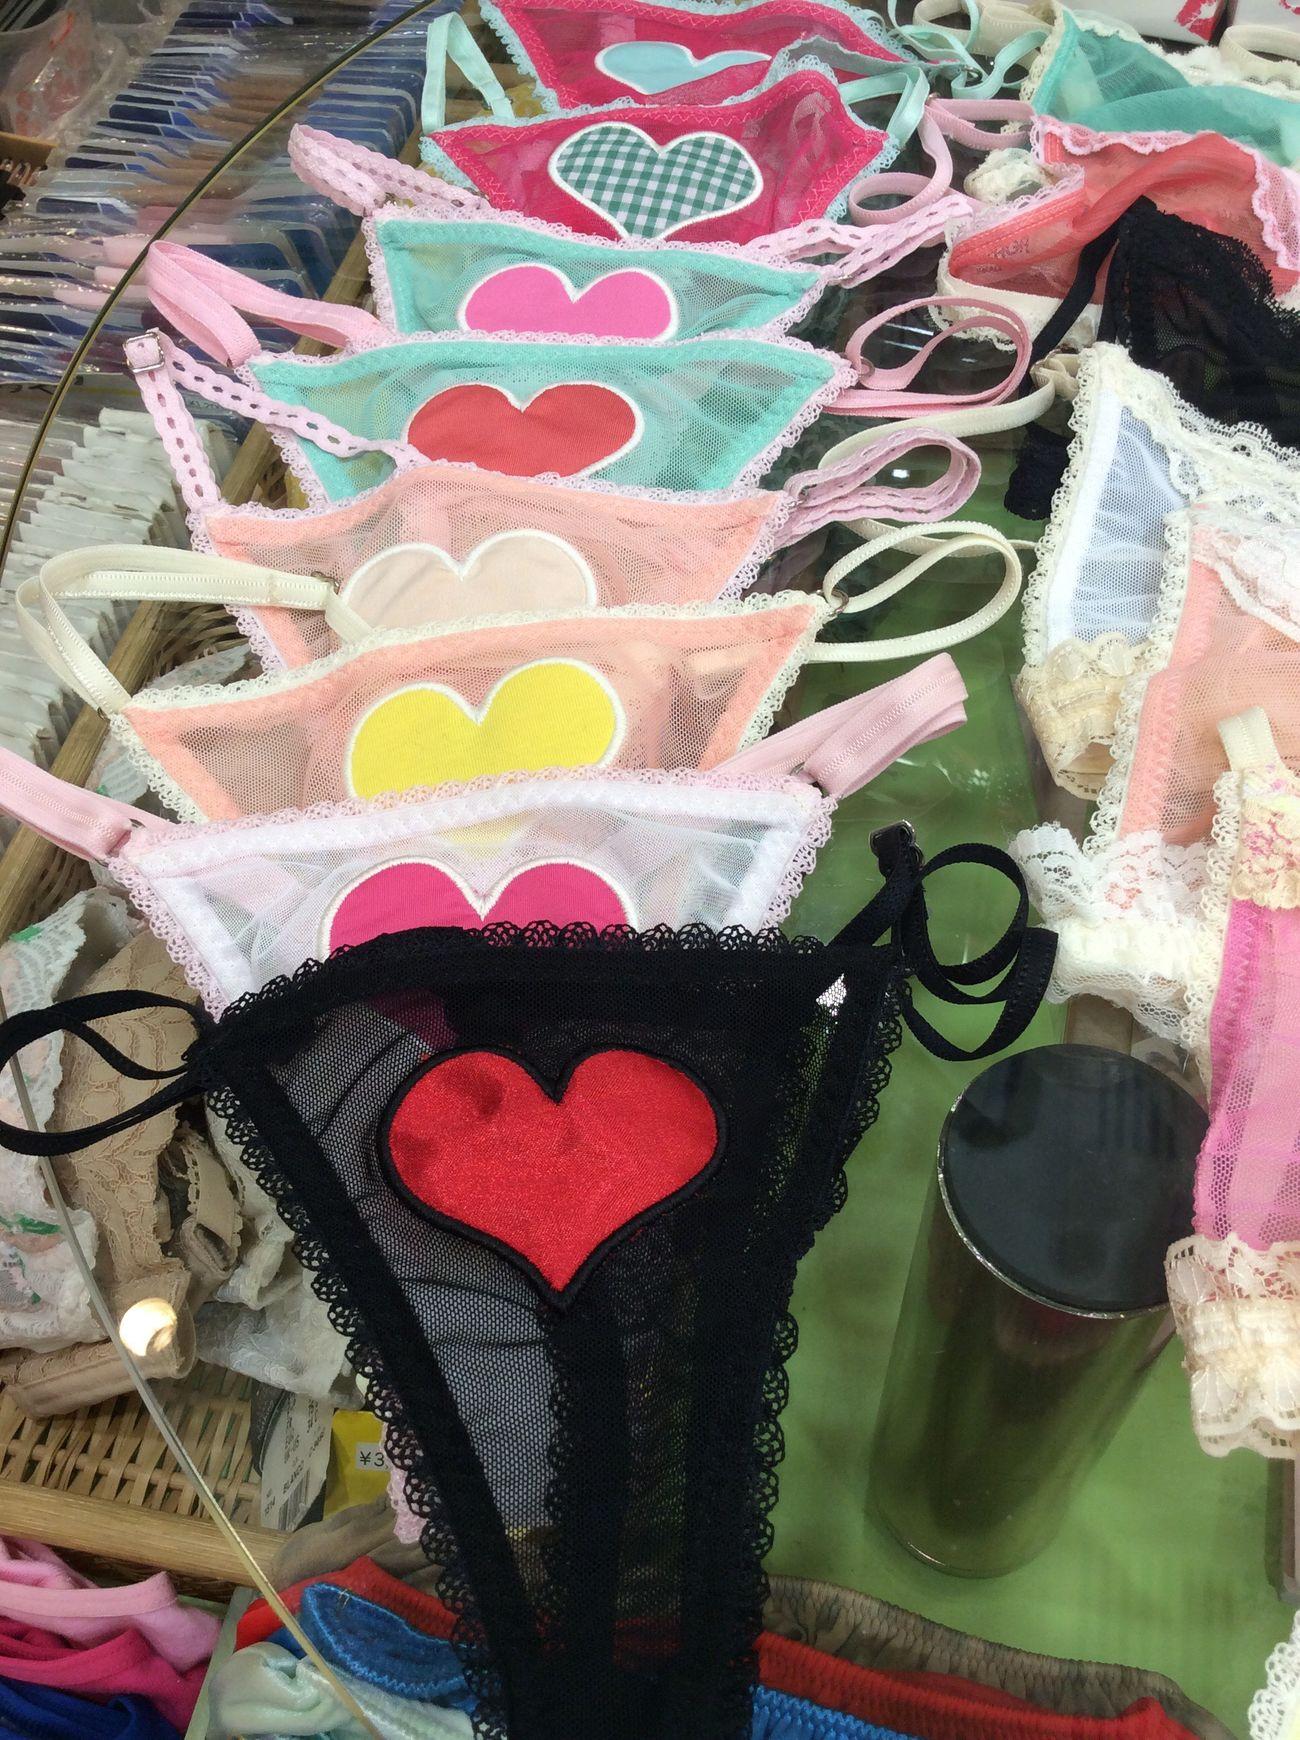 ランジェリー新入荷しました。7days bargainの最中ですがこちらは除外品です。申し訳ありません。¥7,100(上下)~ #ぽこあぽこ #ランジェリー #lingerie